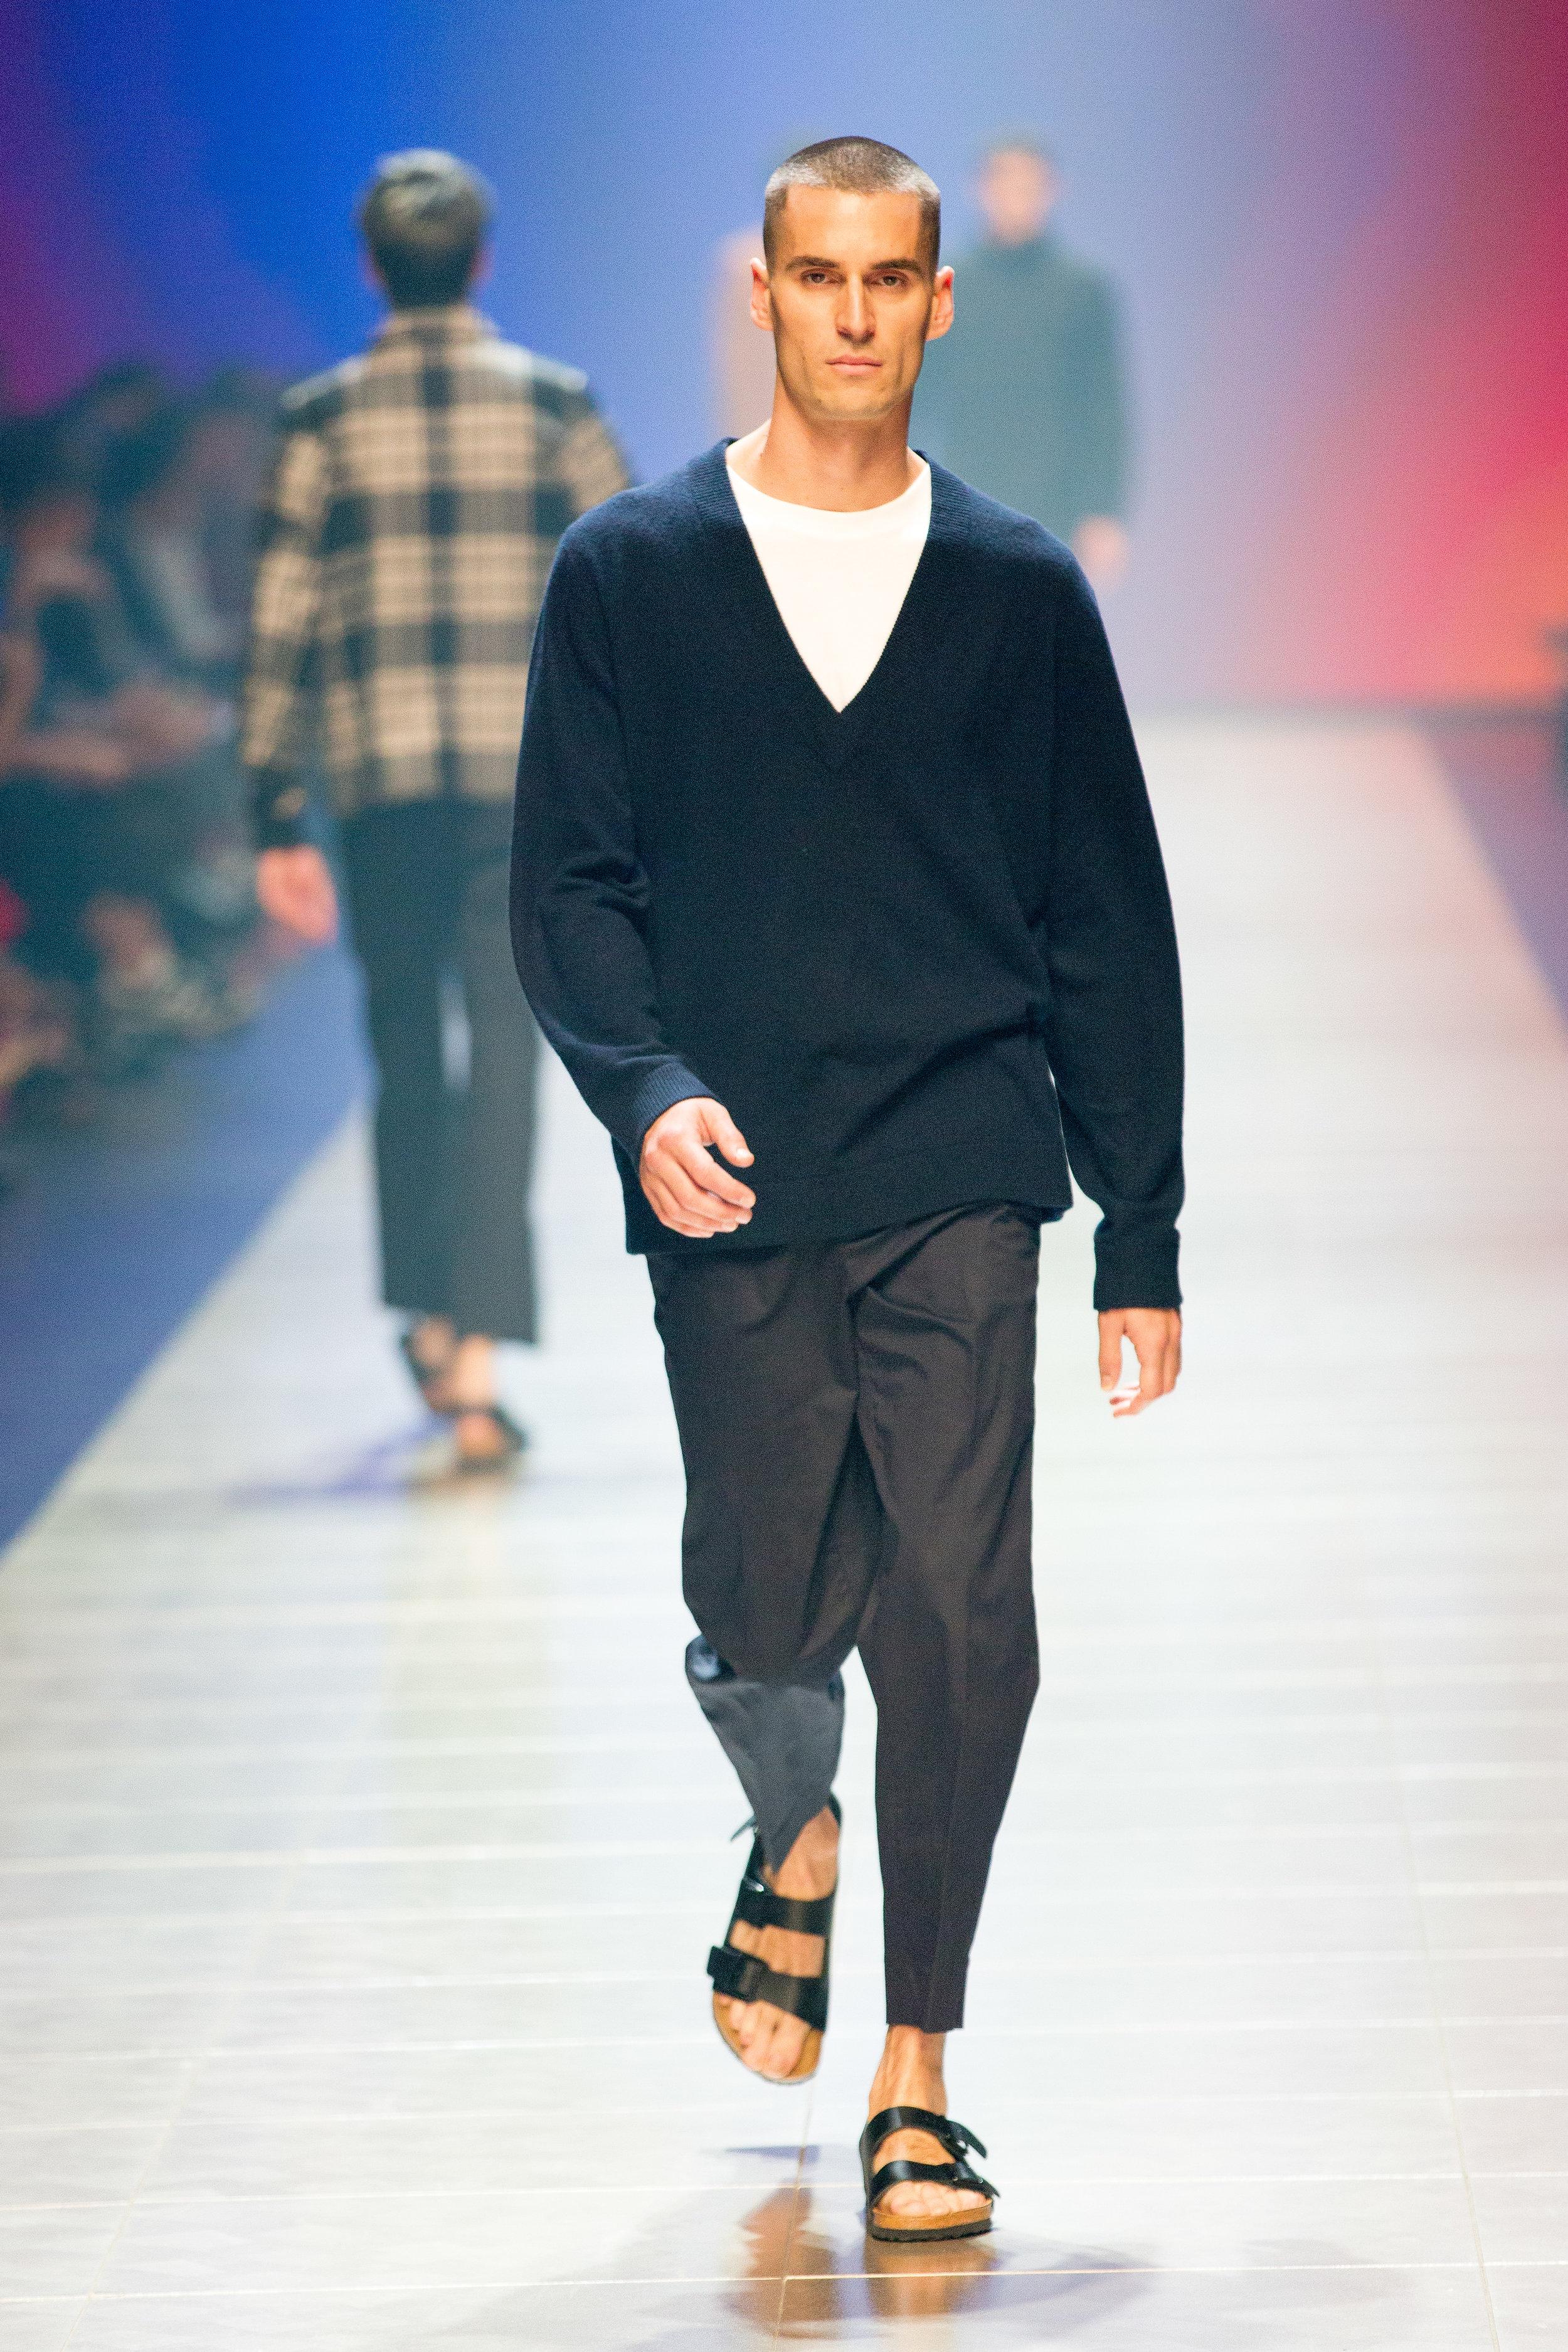 VAMFF2019_GQ Menswear-127.jpg